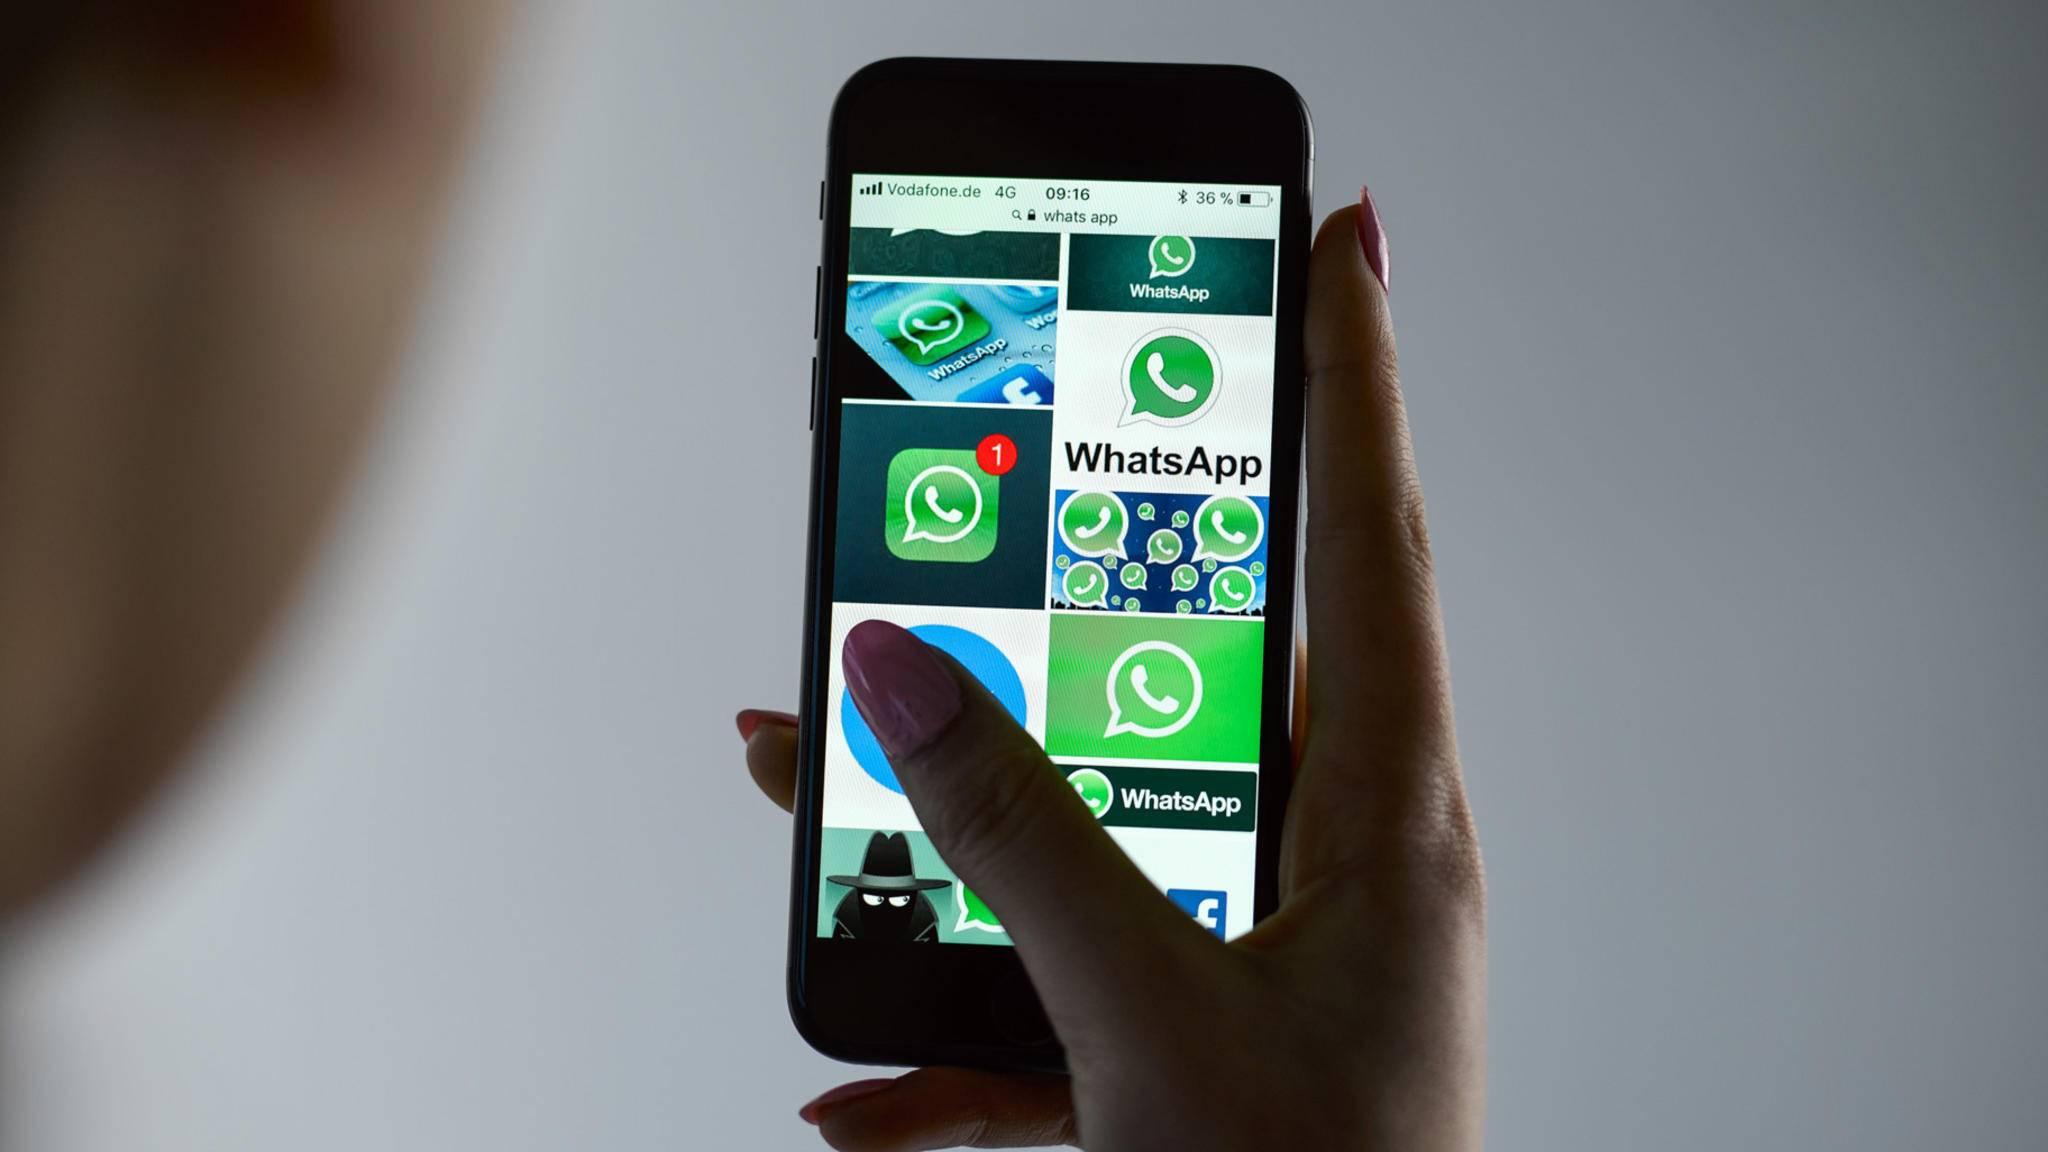 Du hast ein Dual-SIM-Smartphone? Dann kannst Du sogar zwei unterschiedliche WhatsApp-Accounts nutzen.